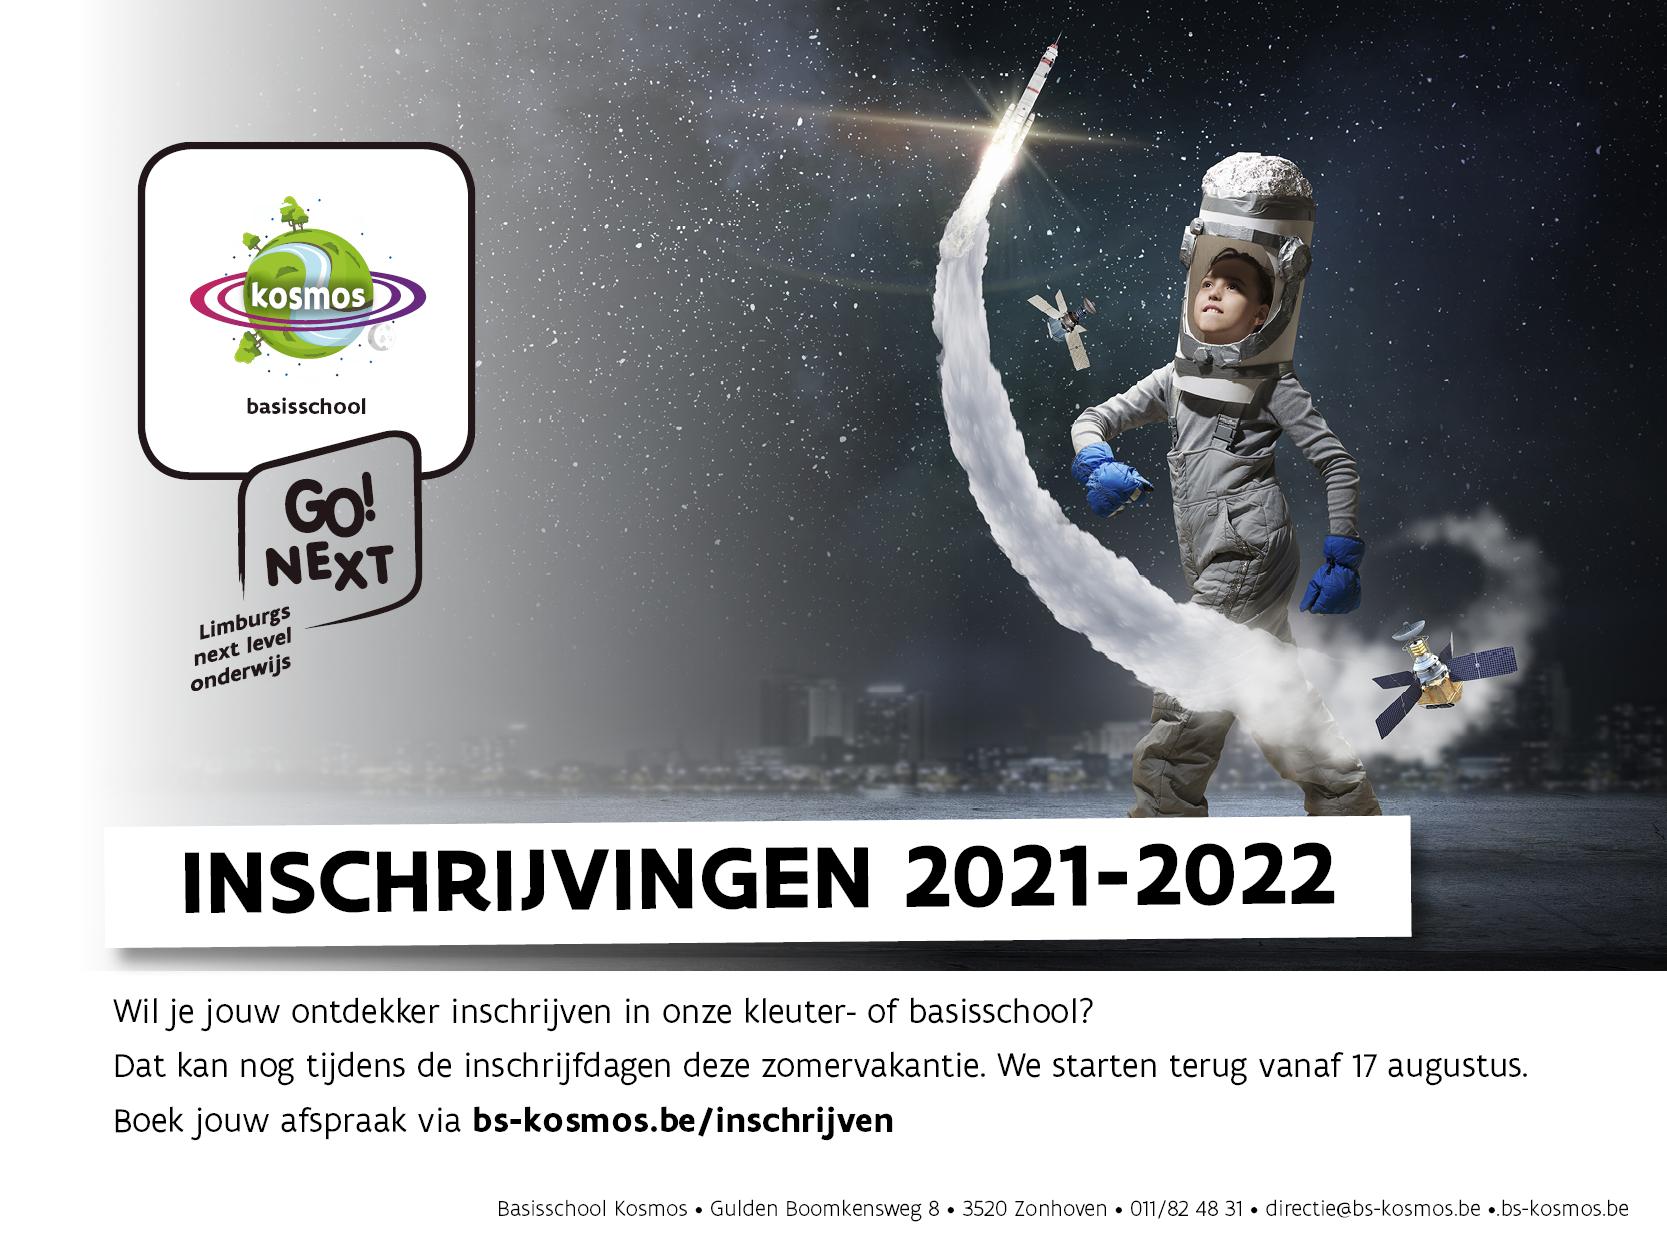 Inschrijvingen 2021